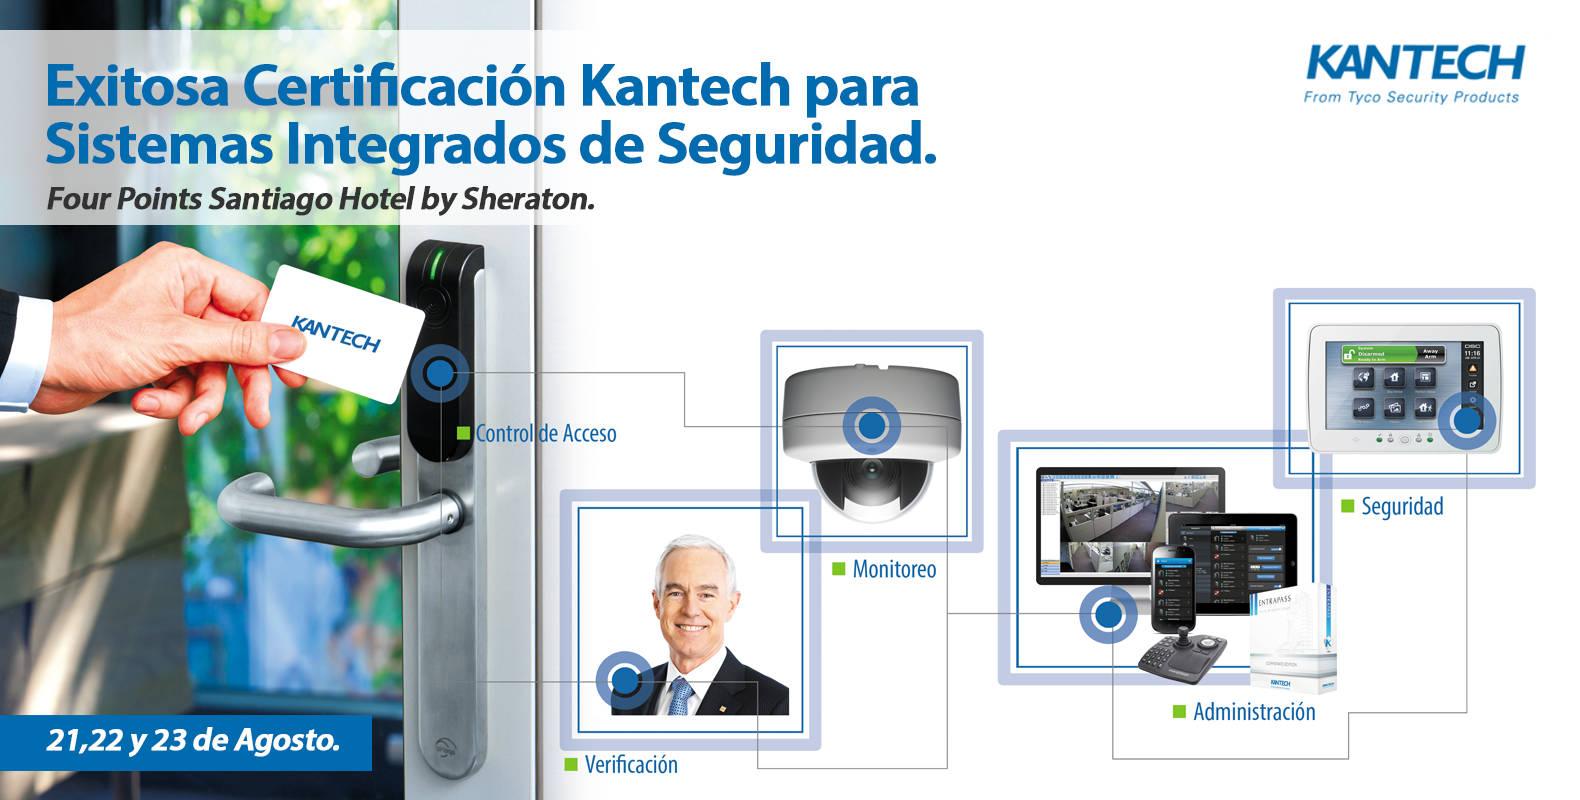 Exitosa Certificación en Sistema Integrado de Seguridad